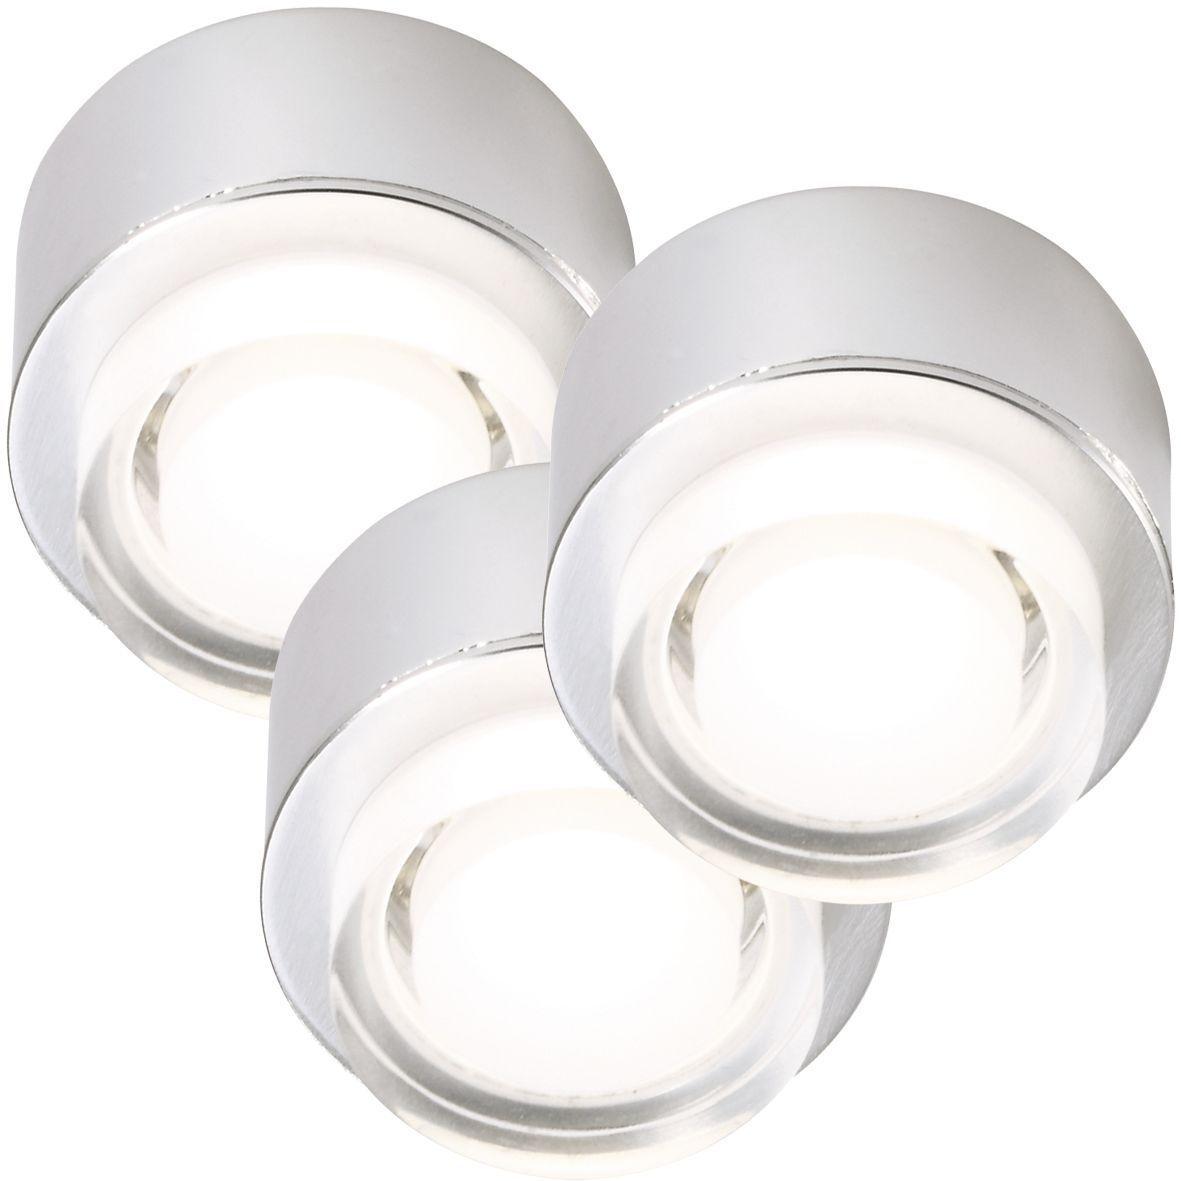 ti aspetto 3-kit LED unna Sottostruttura Luce 12v 12v 12v costruzione Lampada Nordlux sotto Lampada Da Incasso Spot  vendita online